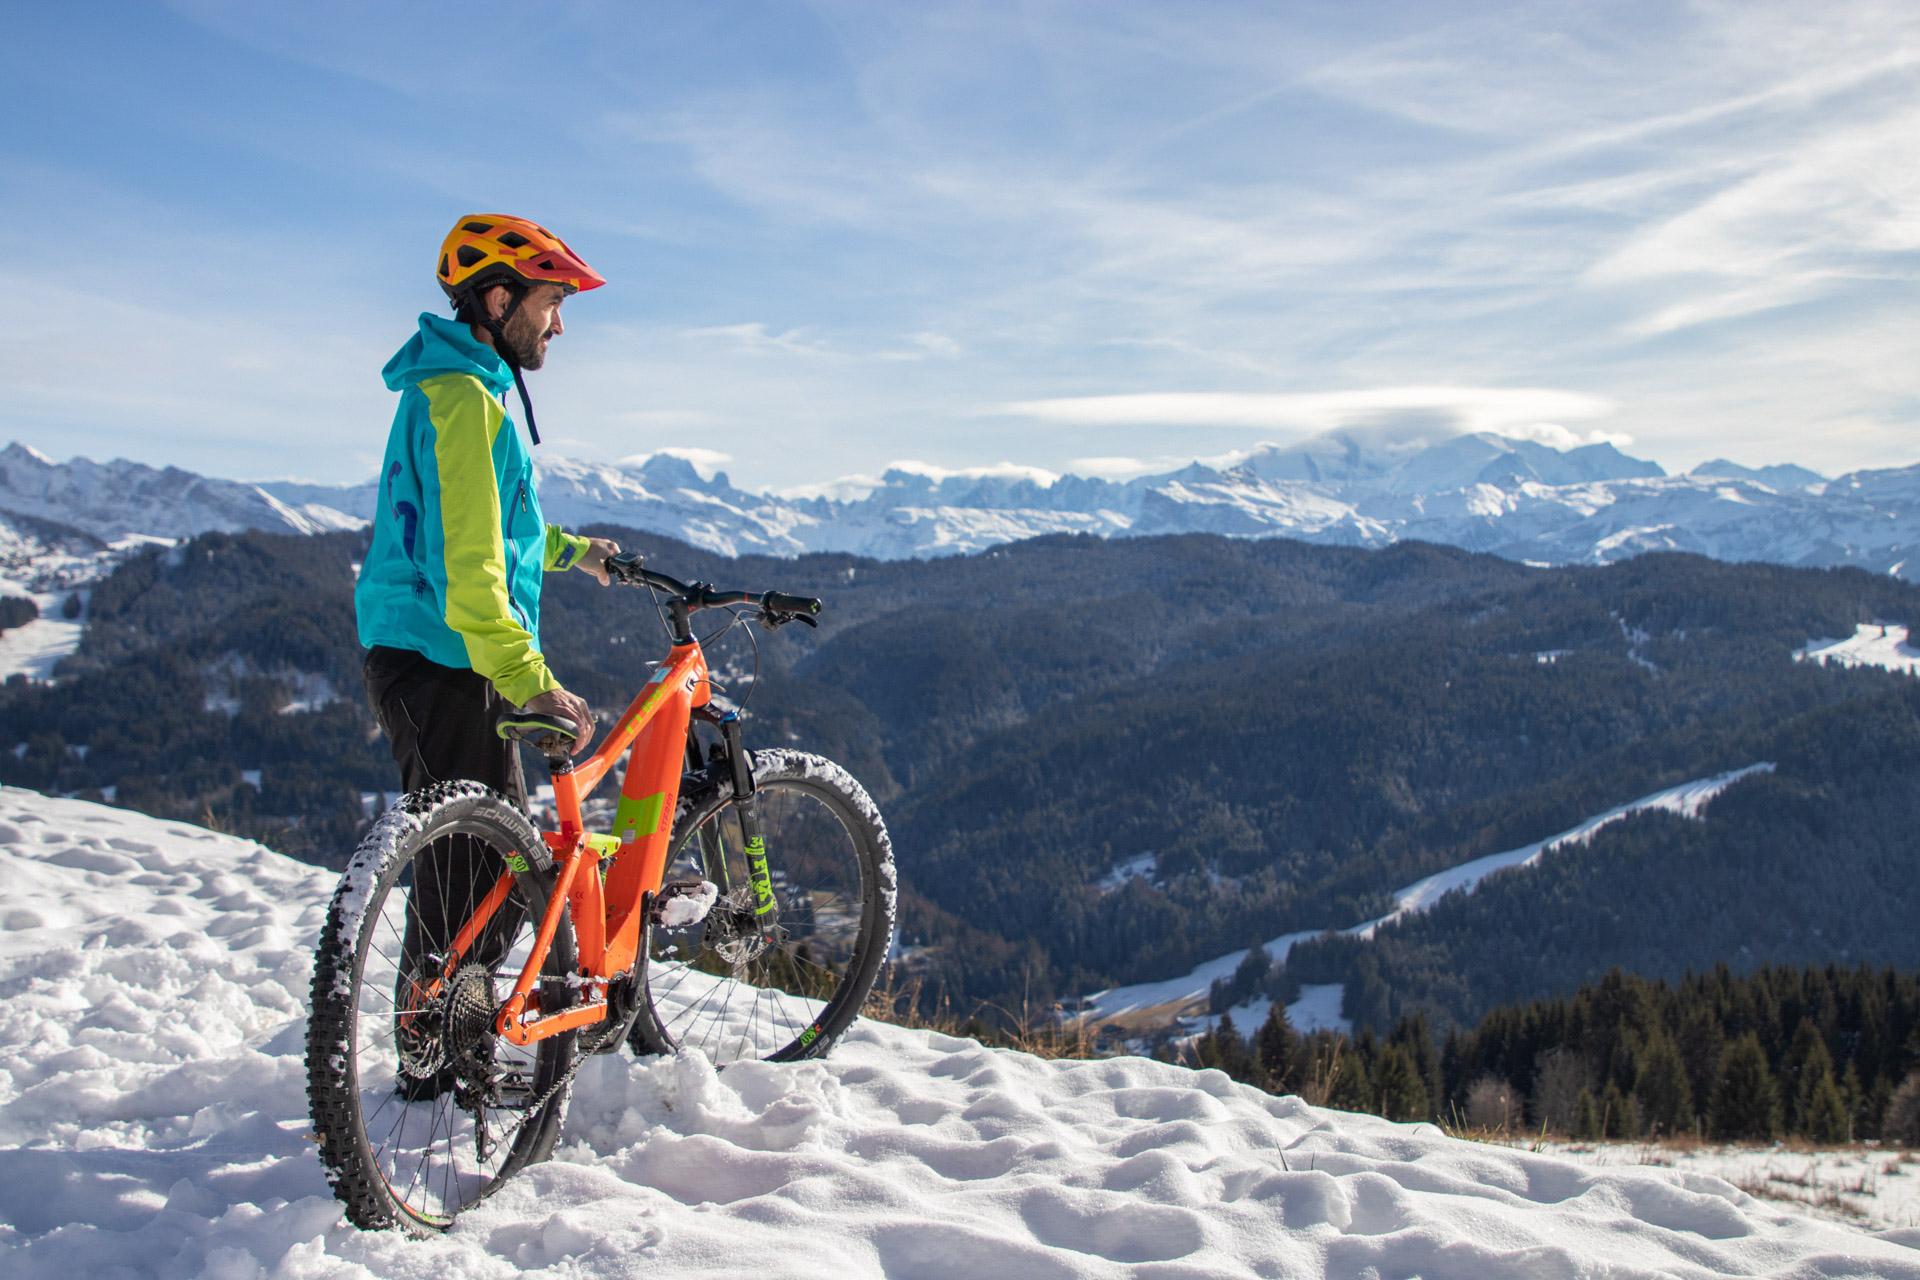 Novembre 2018 : Direction les trails enneigés et boueux des Gets pour tester les produits Kärcher en conditions réelles.